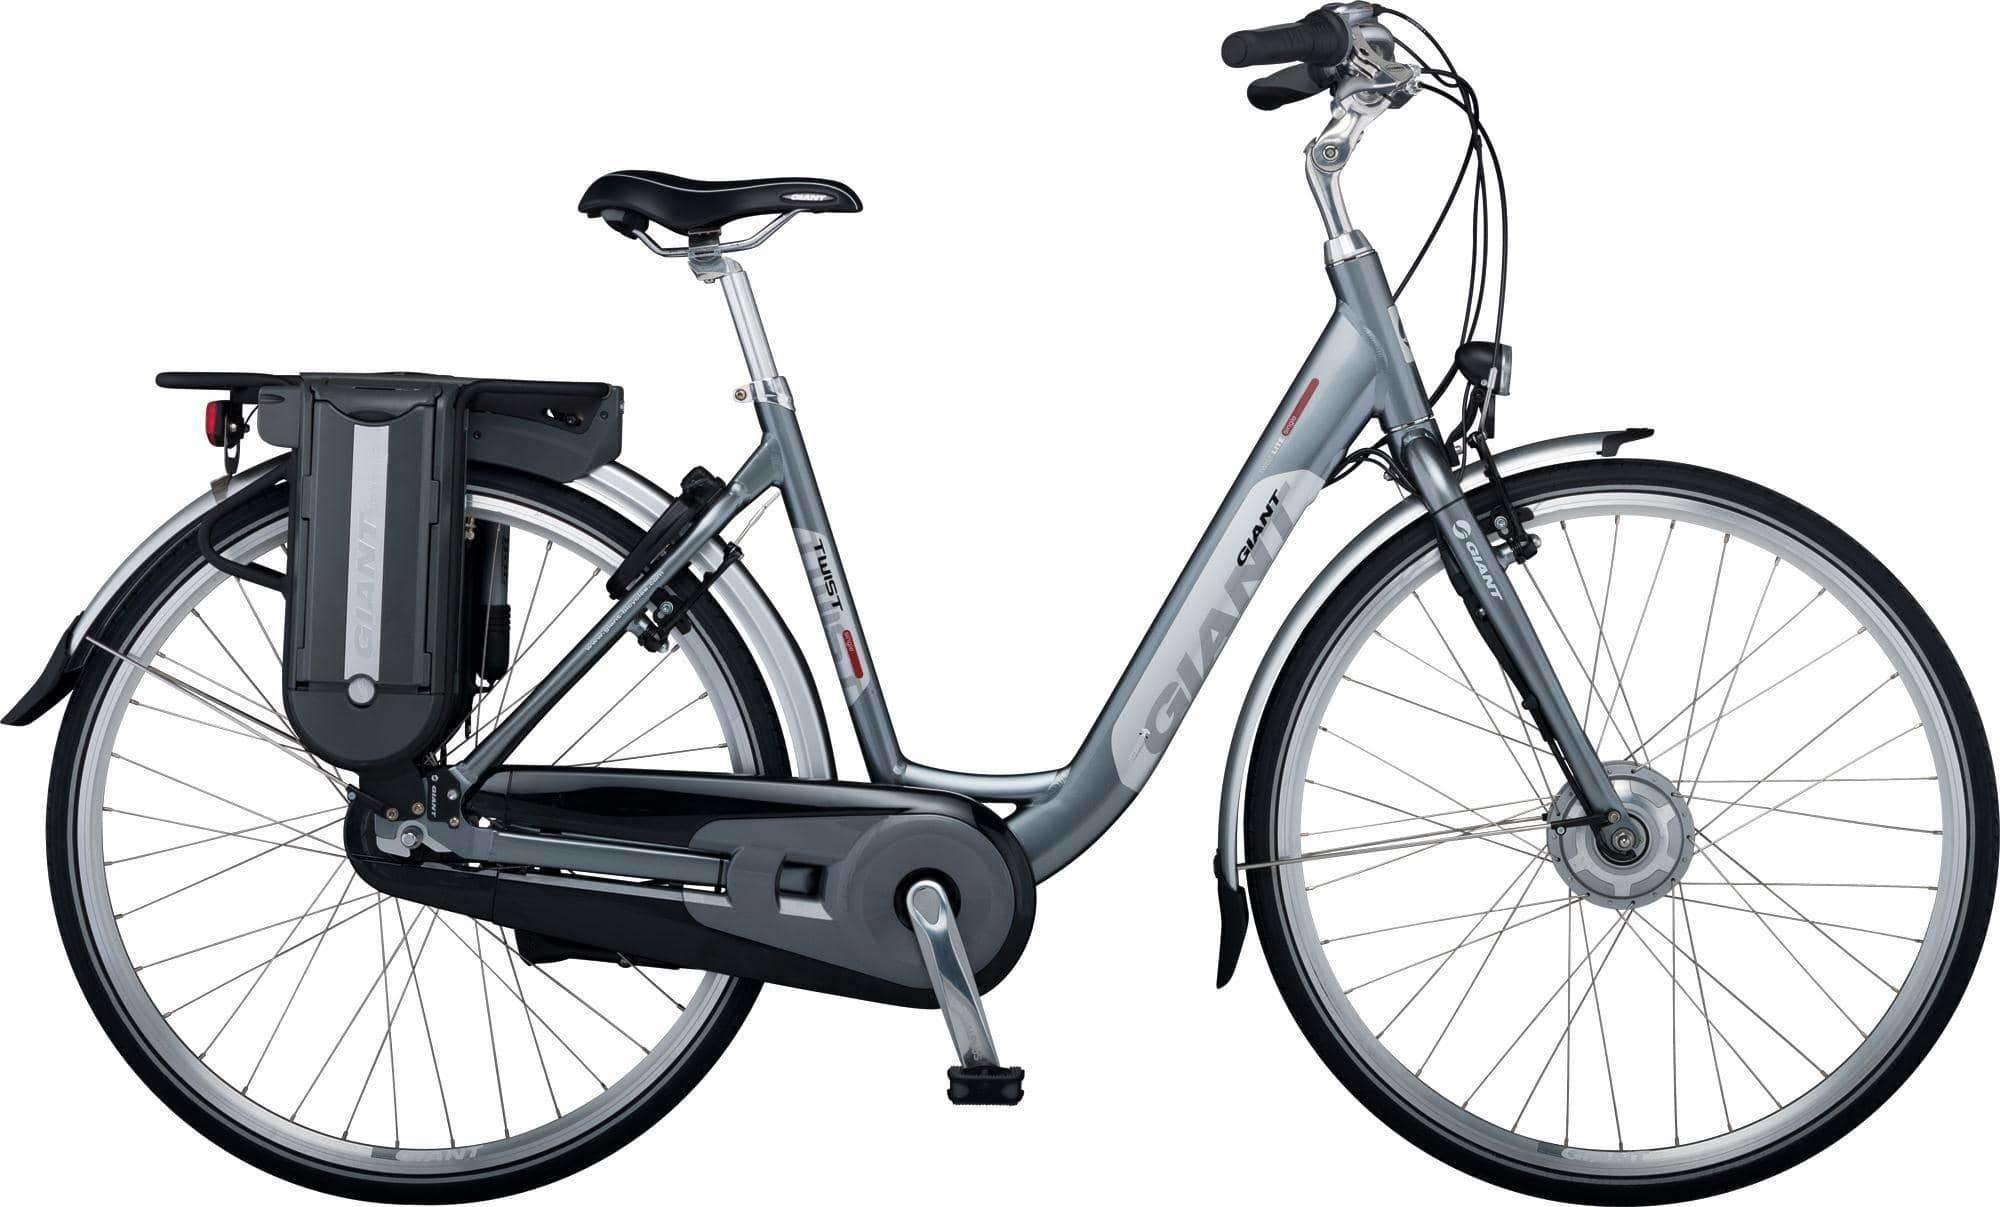 Giant Twist e-bike